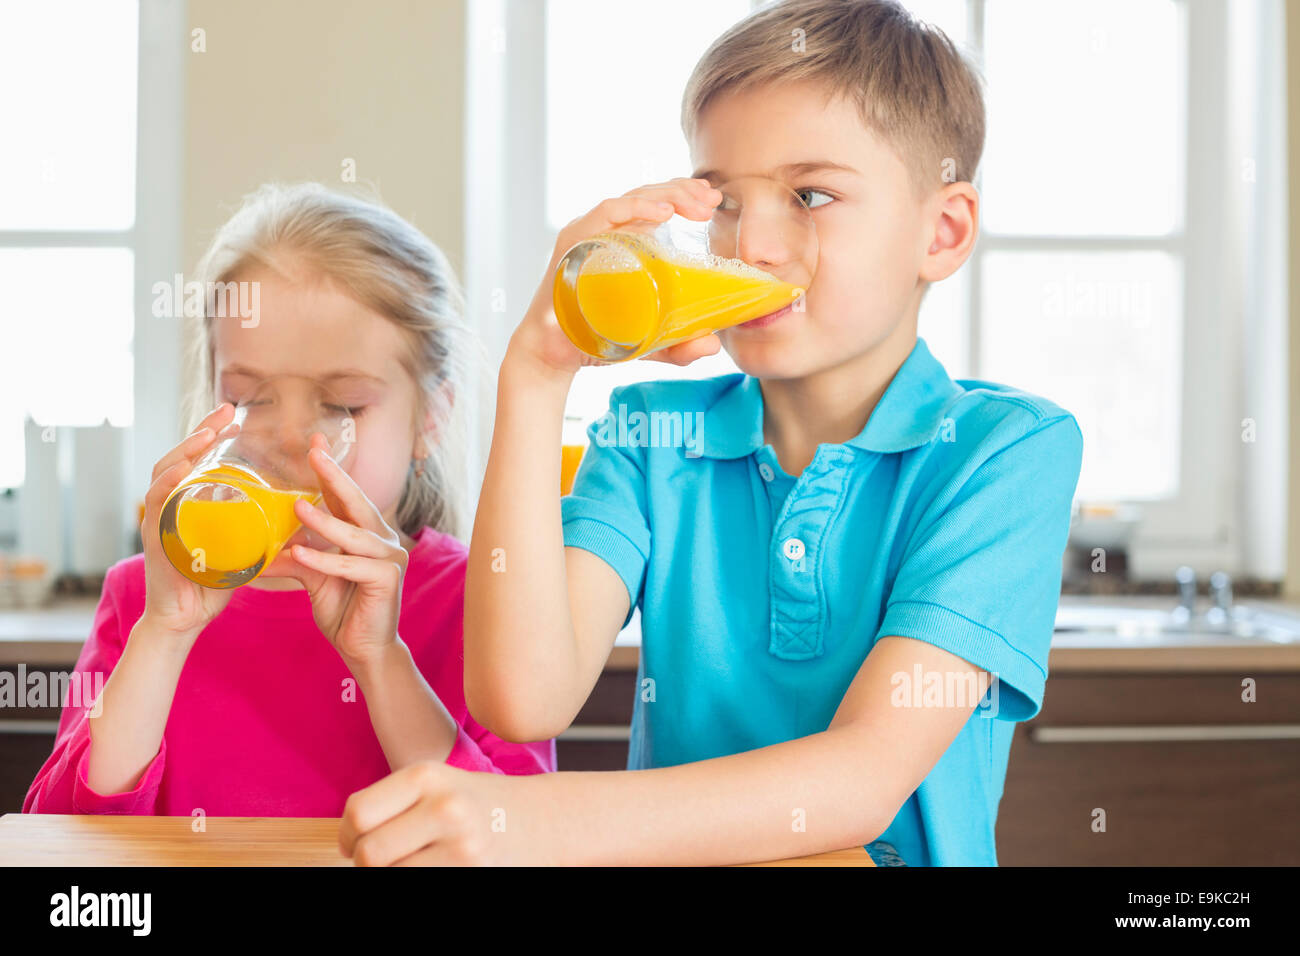 Frères et sœurs de boire le jus d'orange dans la cuisine à la maison Photo Stock